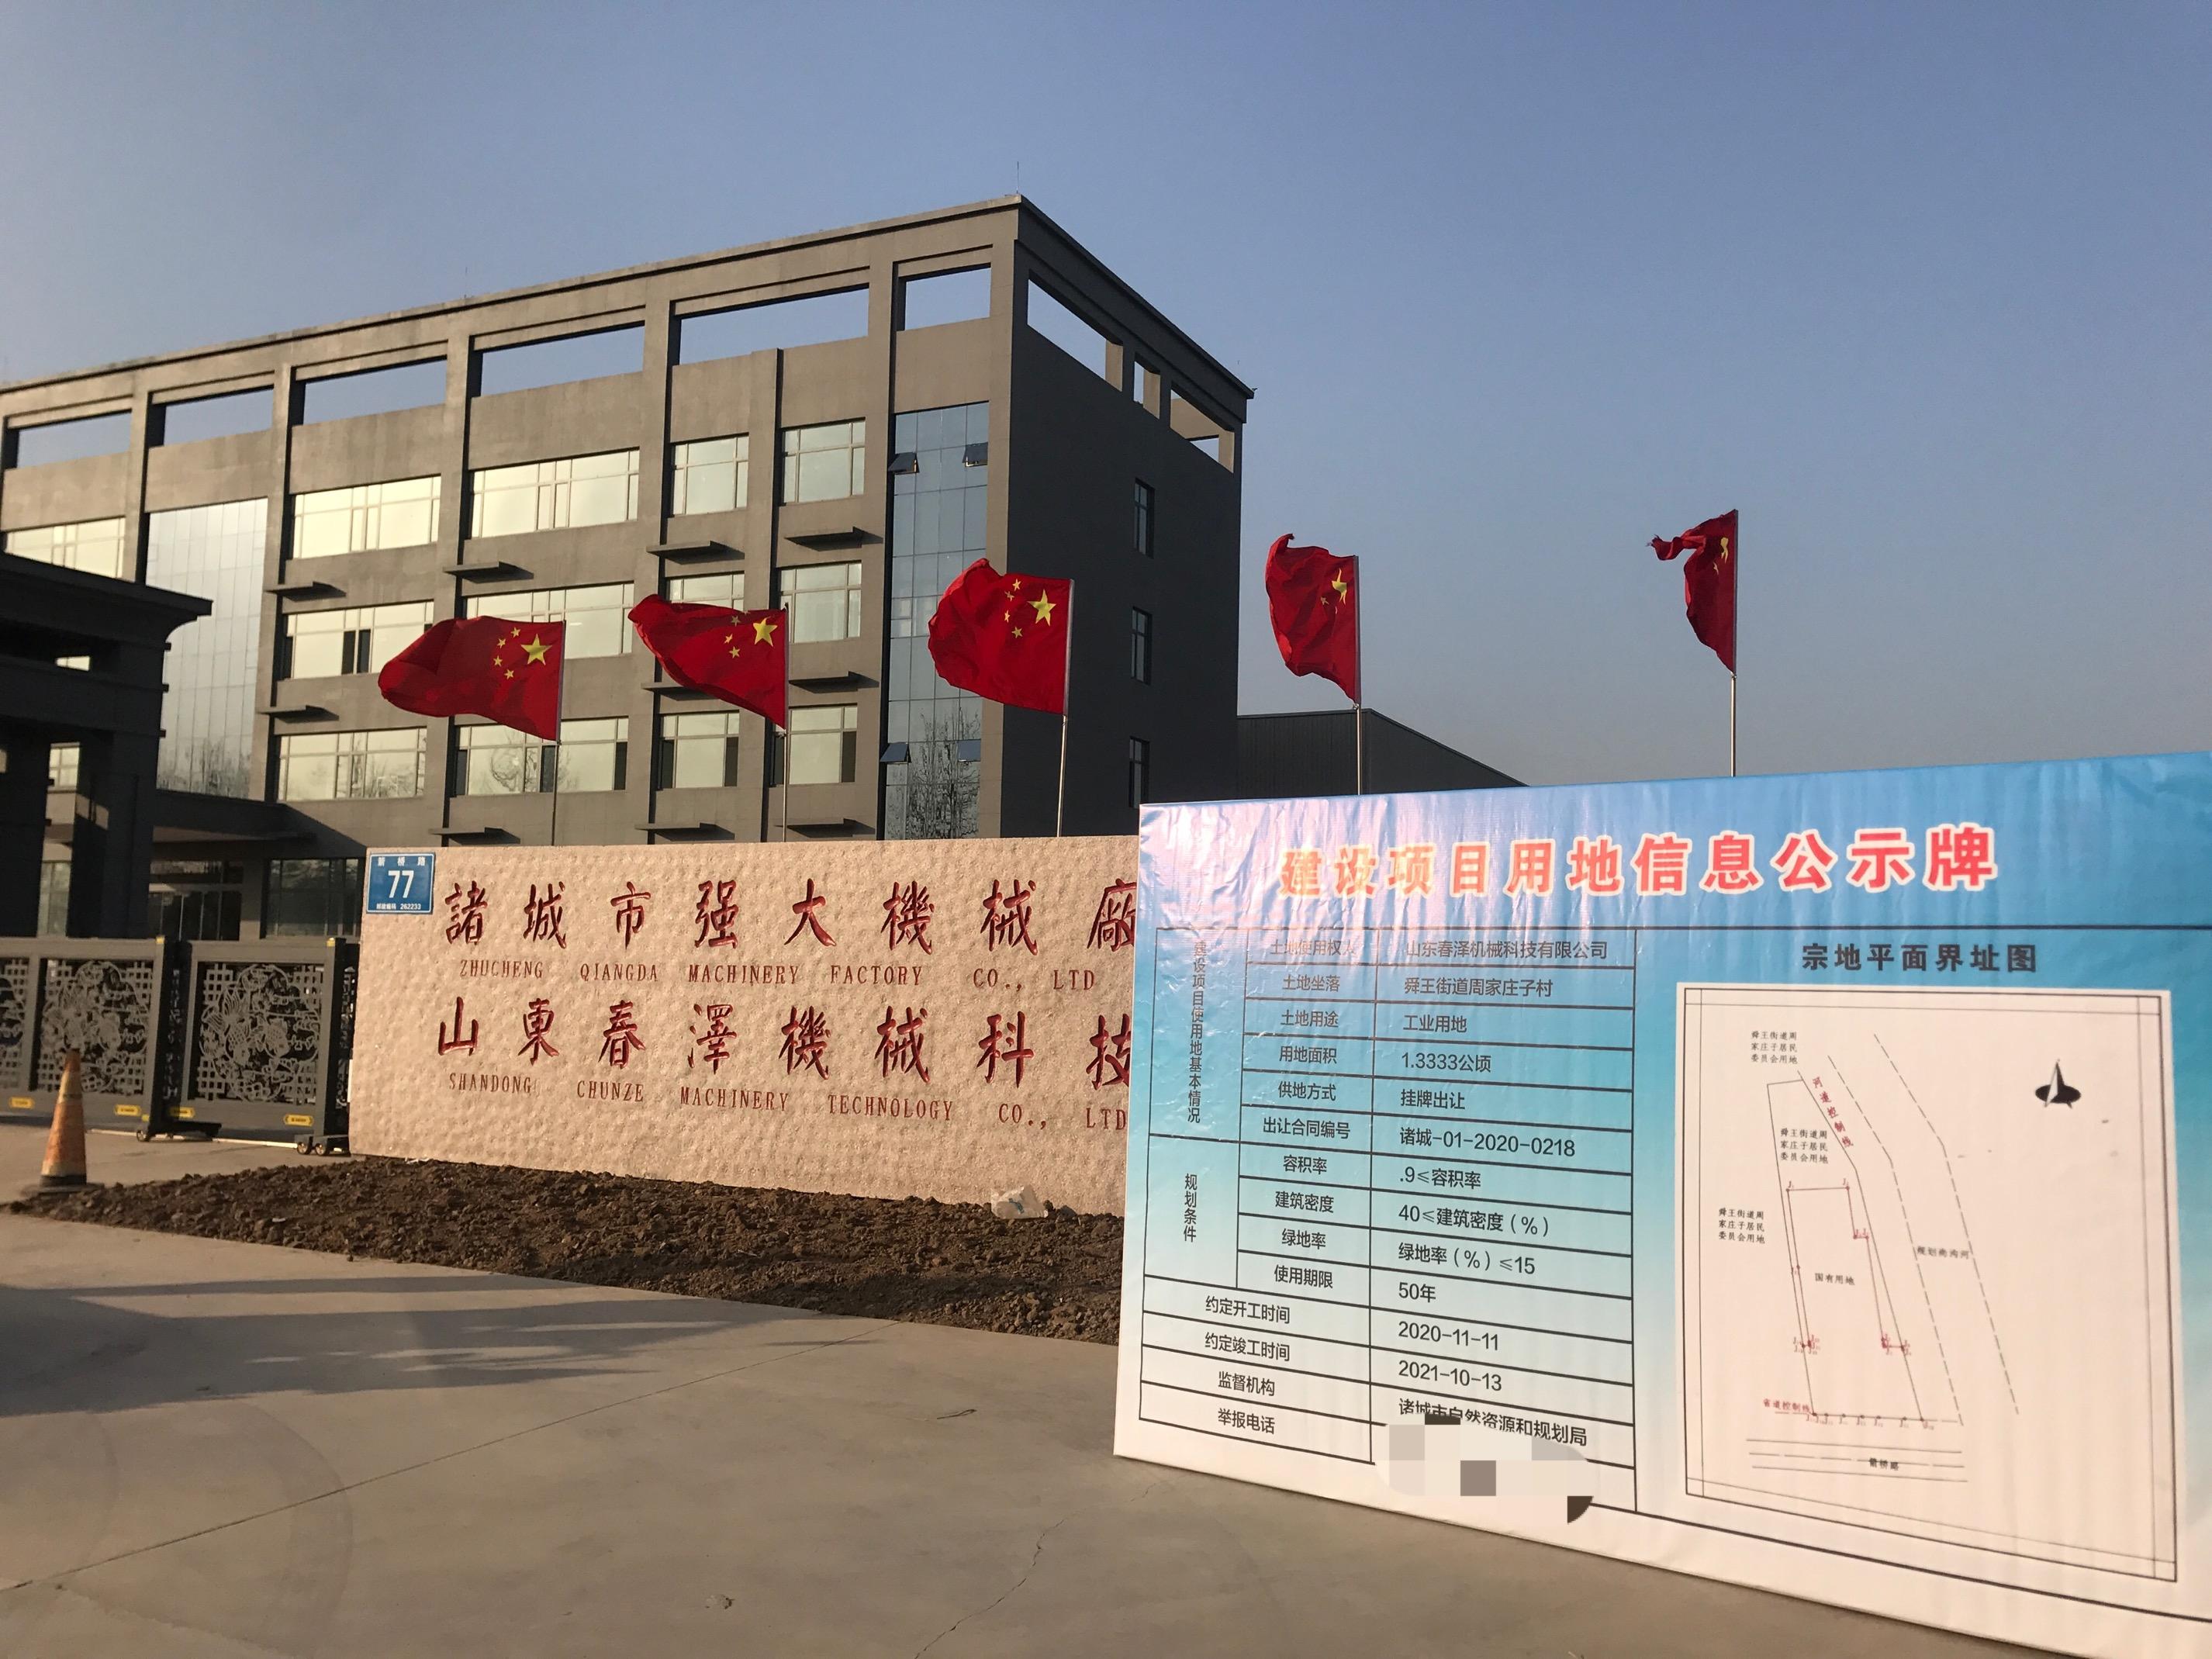 強大機械分公司春澤機械已于政府簽訂土地轉讓合同